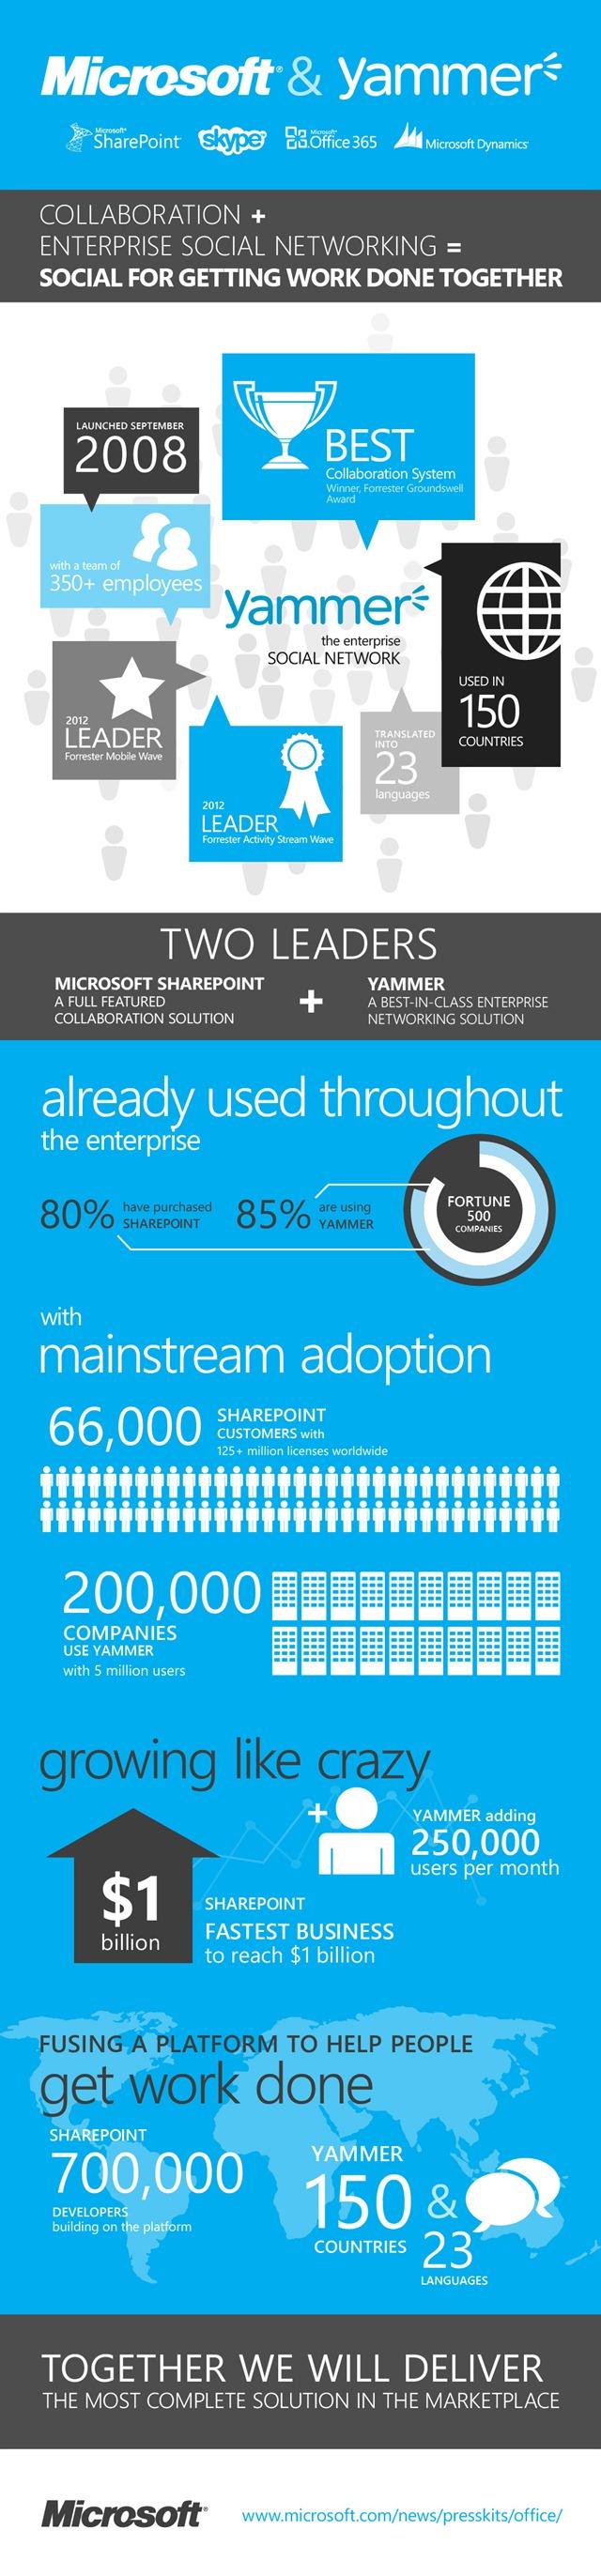 Merger Infographic_v11_062412